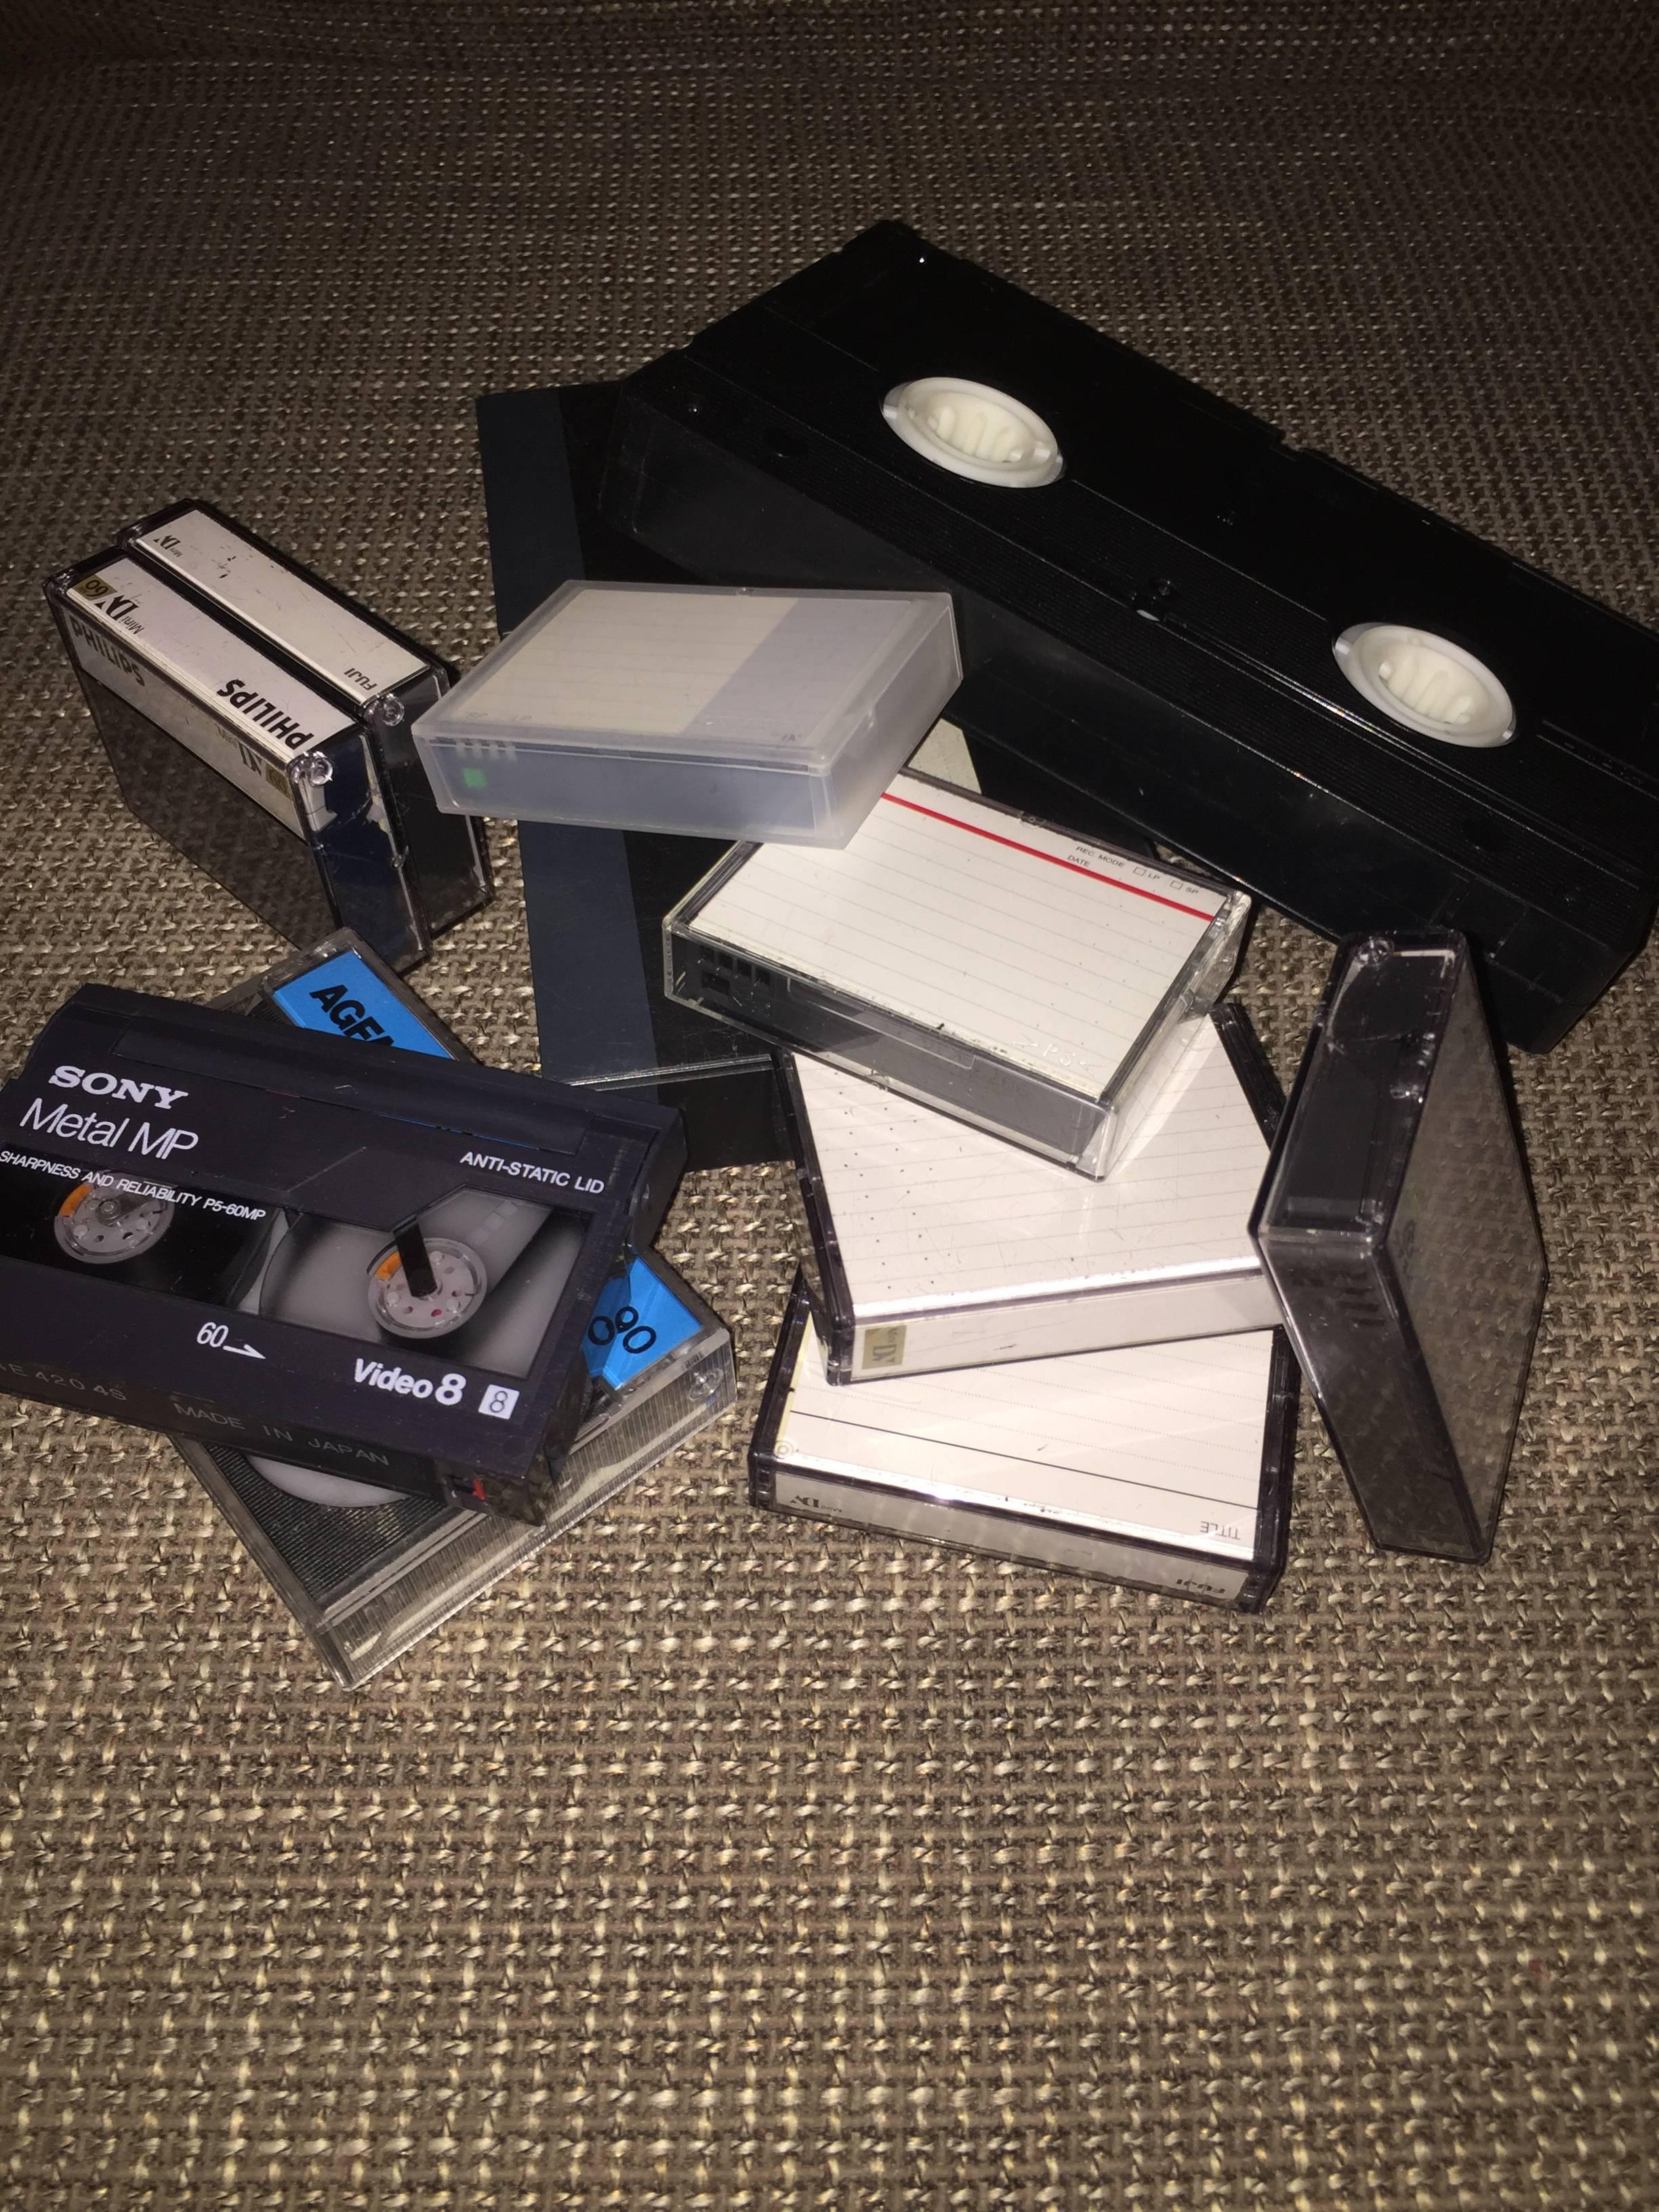 Nieuw in onze service, omzetten videobanden en tapes naar DVD, USB of harde schijf!